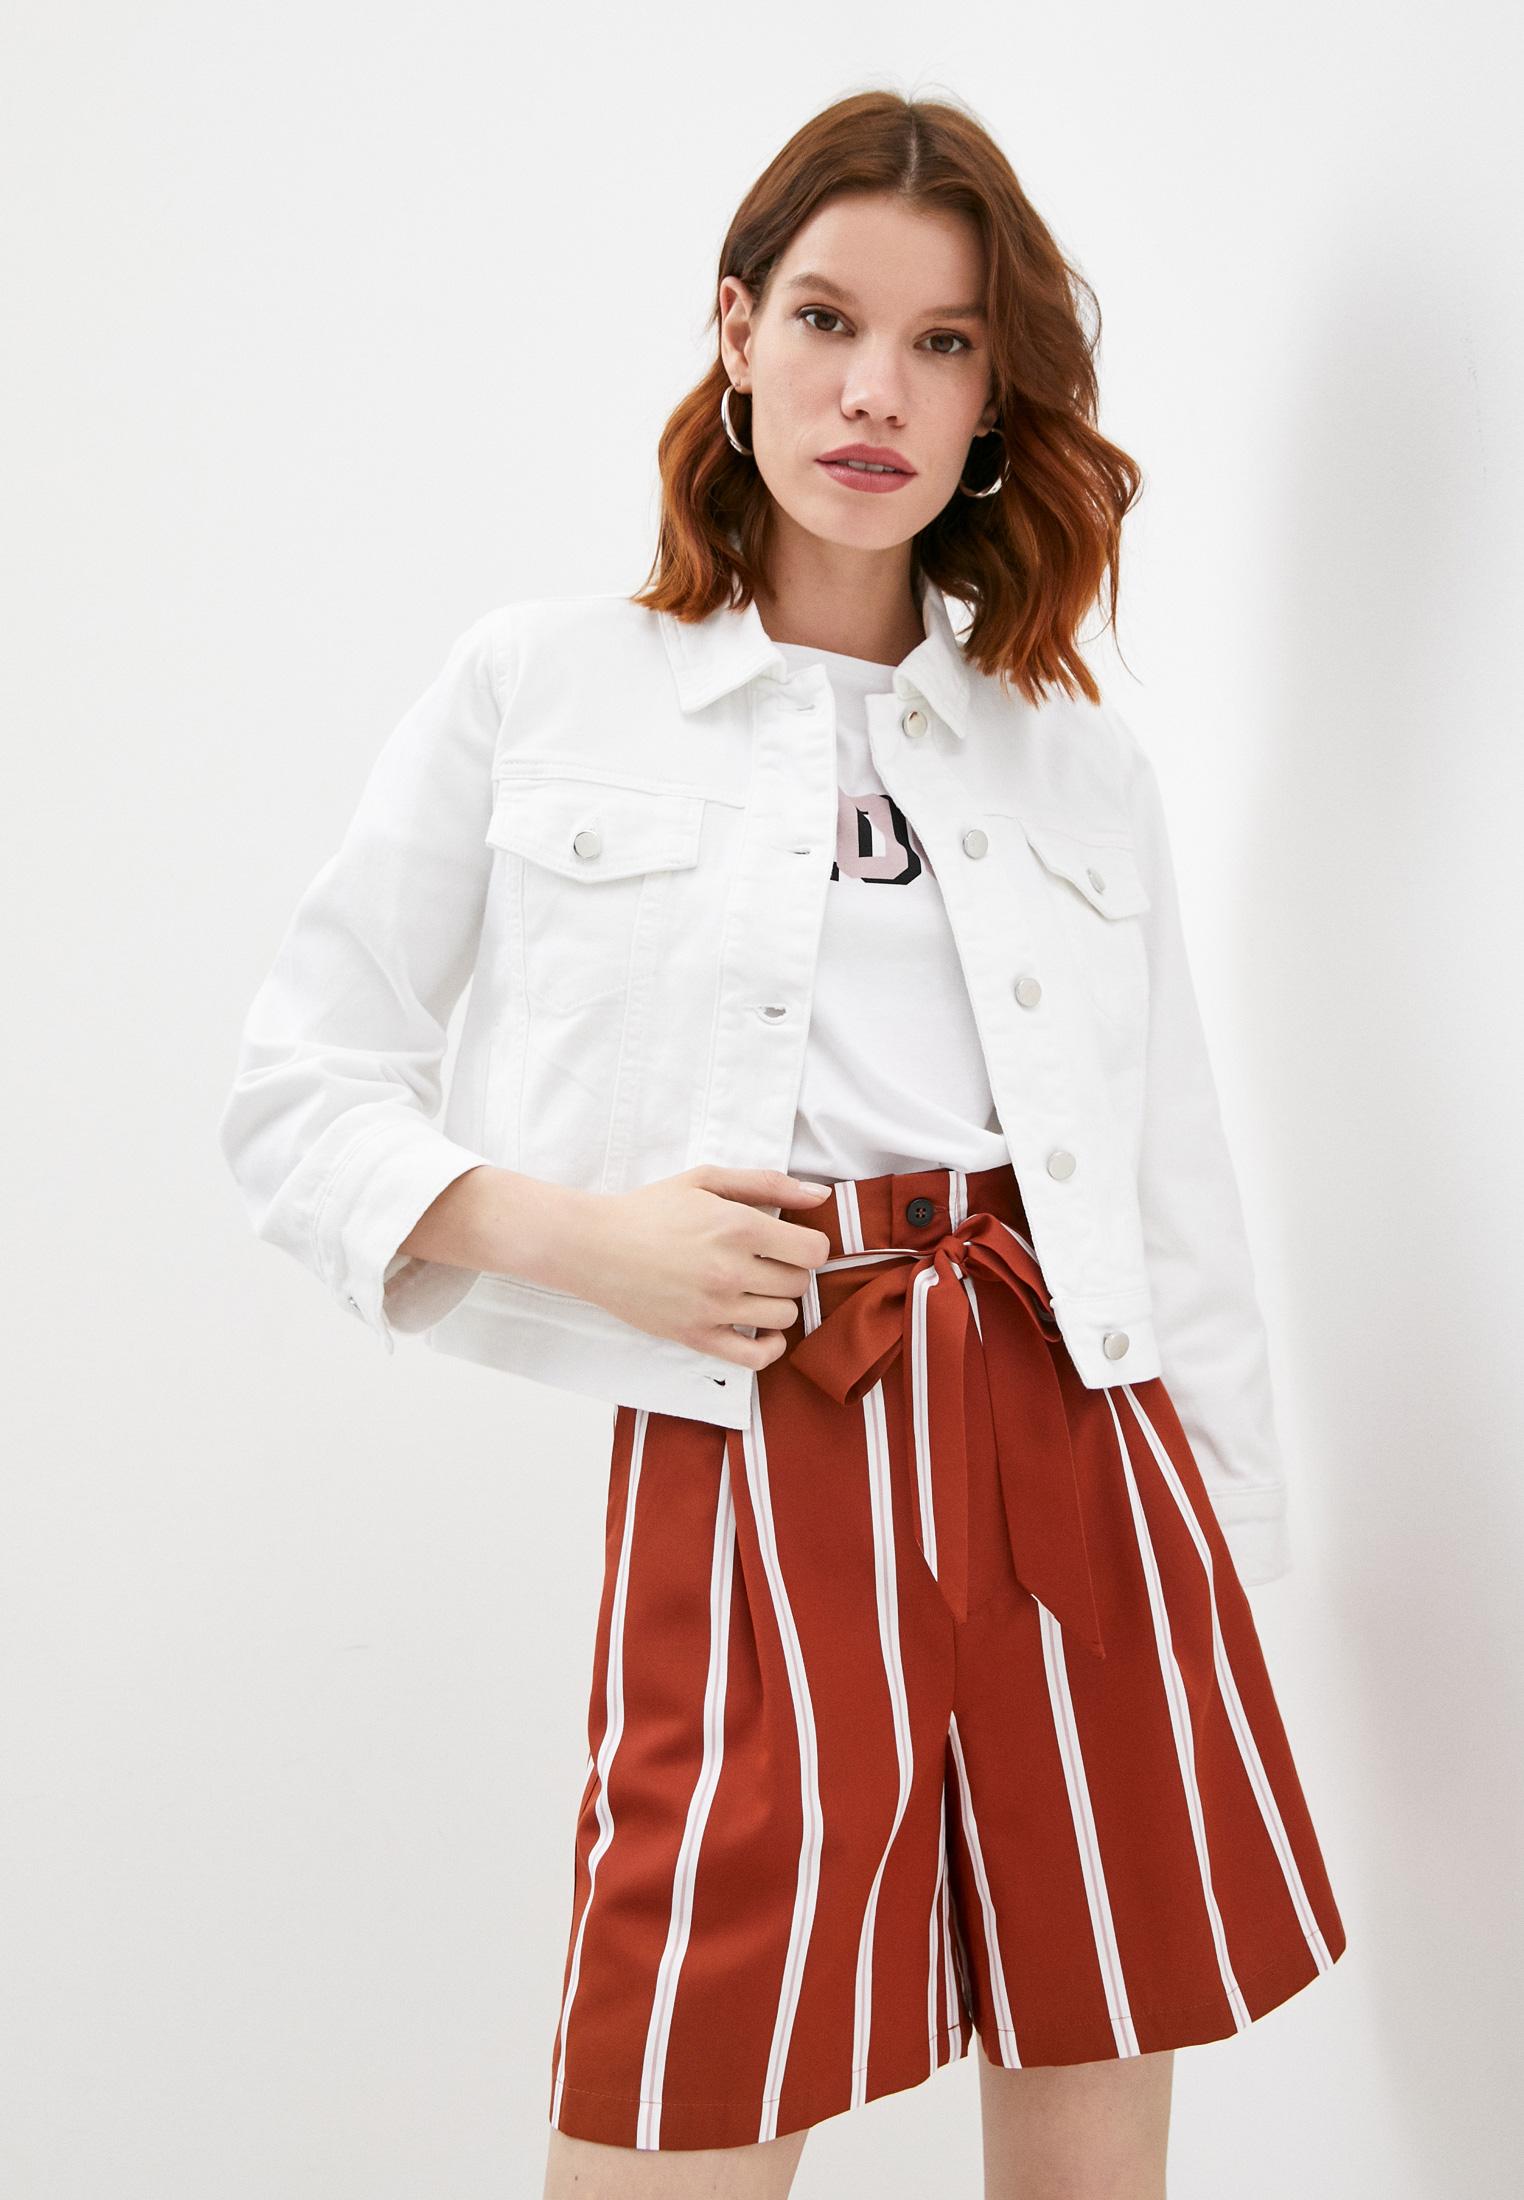 Джинсовая куртка EMME MARELLA Куртка джинсовая Emme Marella